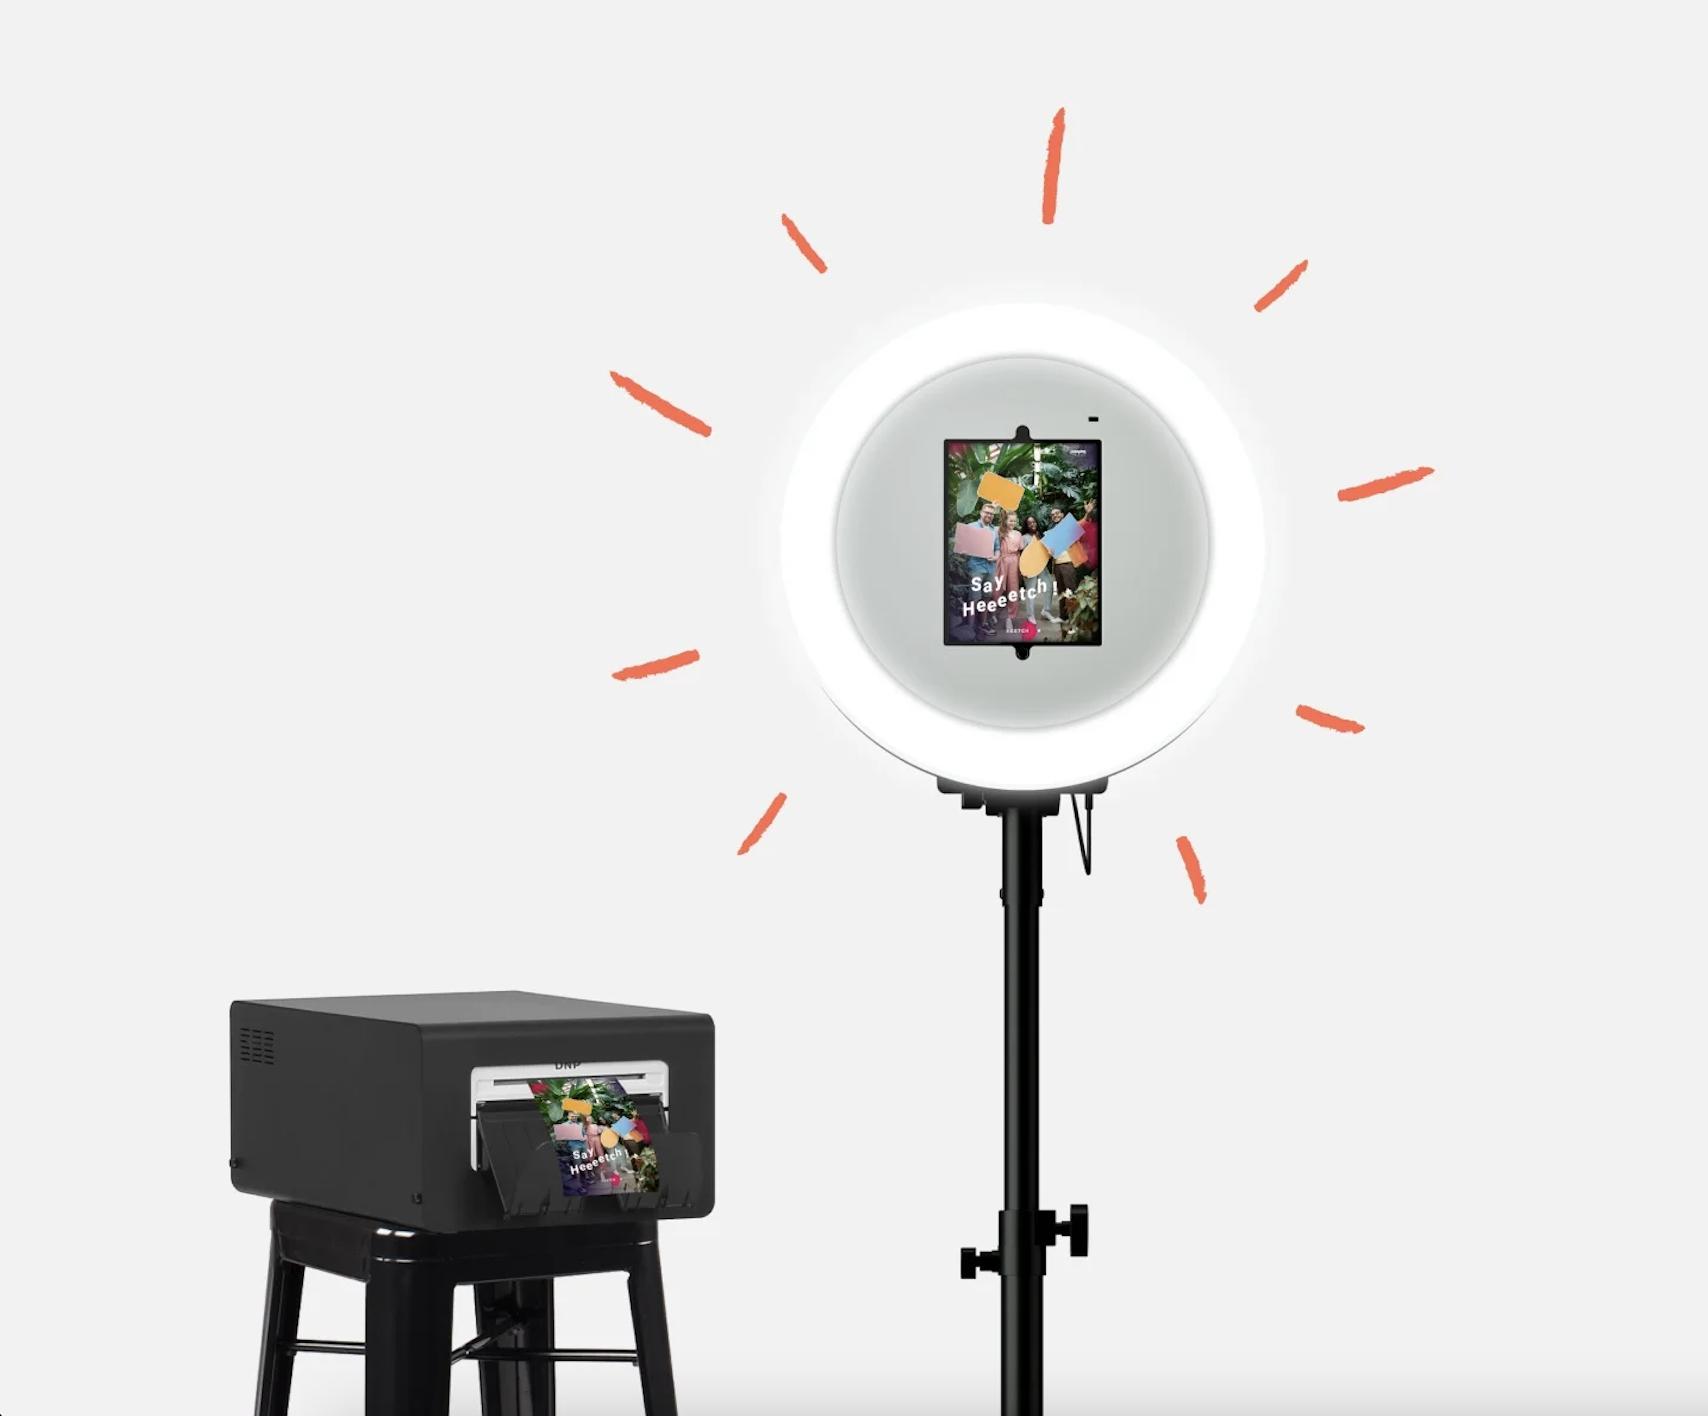 Un GIF montre en première image la face avant et arriere du photobooth josepho est personnalise aux couleurs de l'entreprise Galeries Lafayette. Puis en seconde image le photobooth sans personnalisation